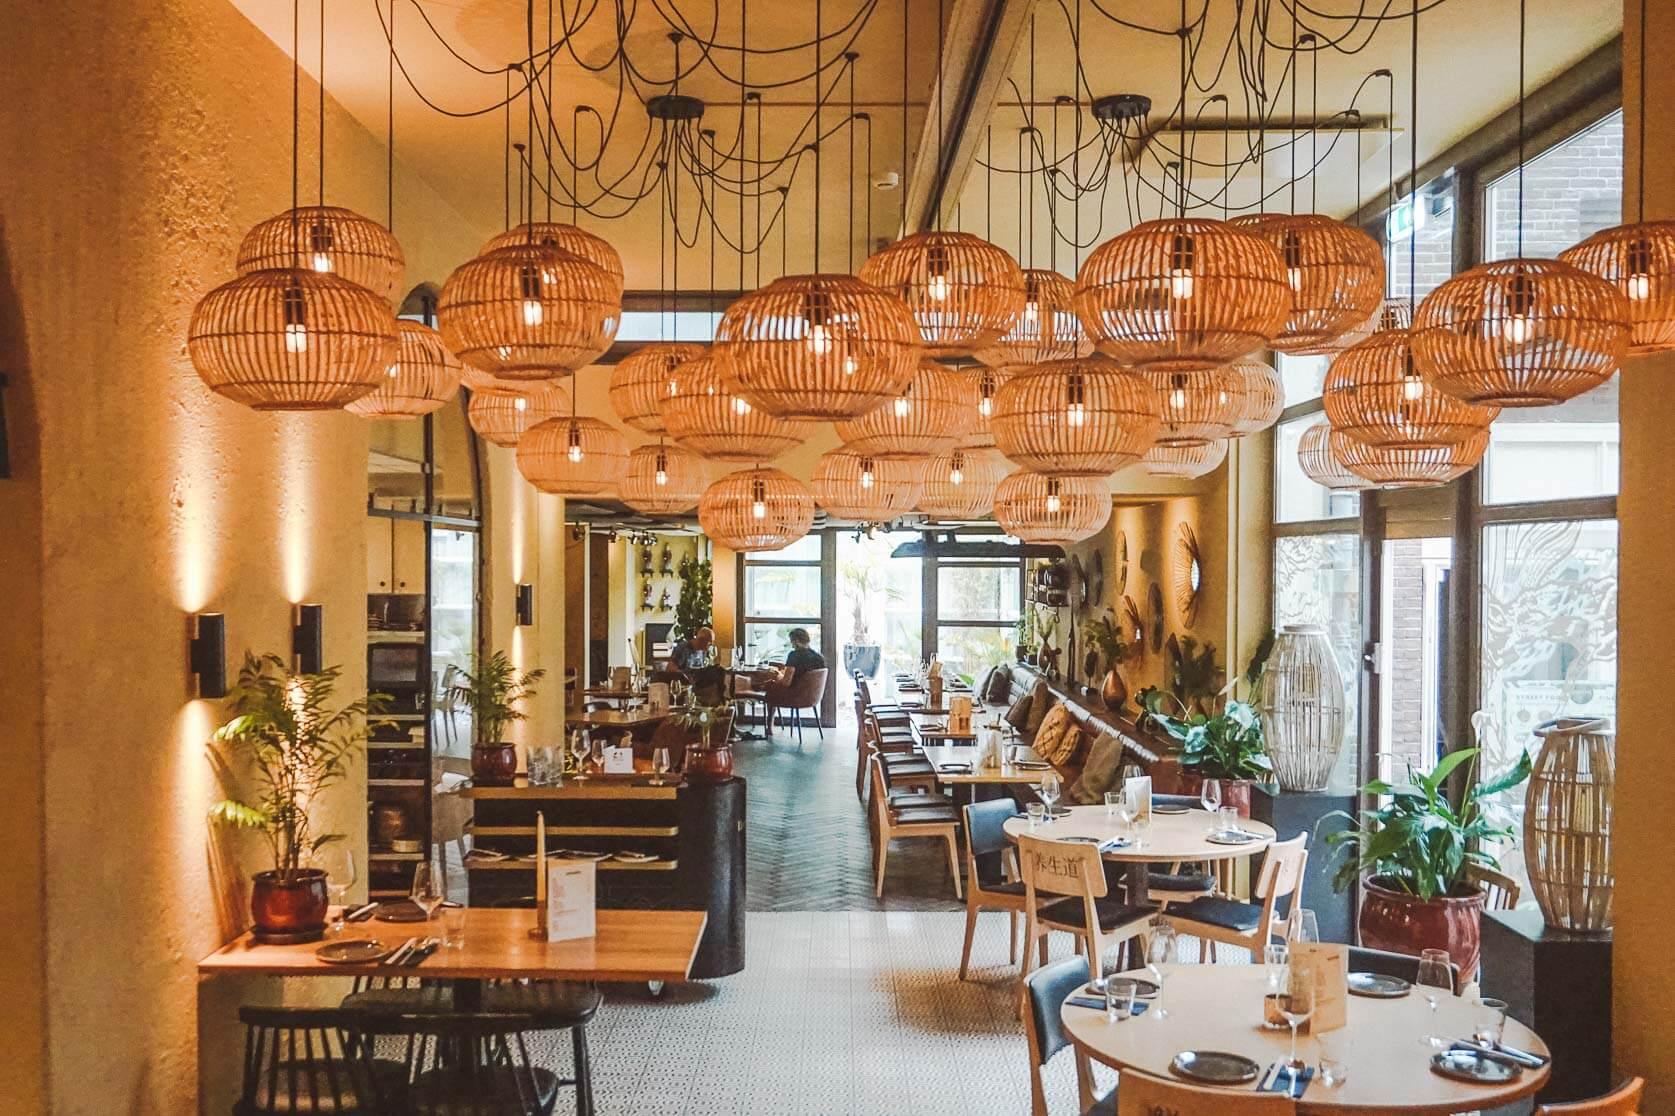 UMAMI BY HAN AMSTERDAM: 'GEZONDE' ASIAN FINE DINING AAN DE OVERTOOM